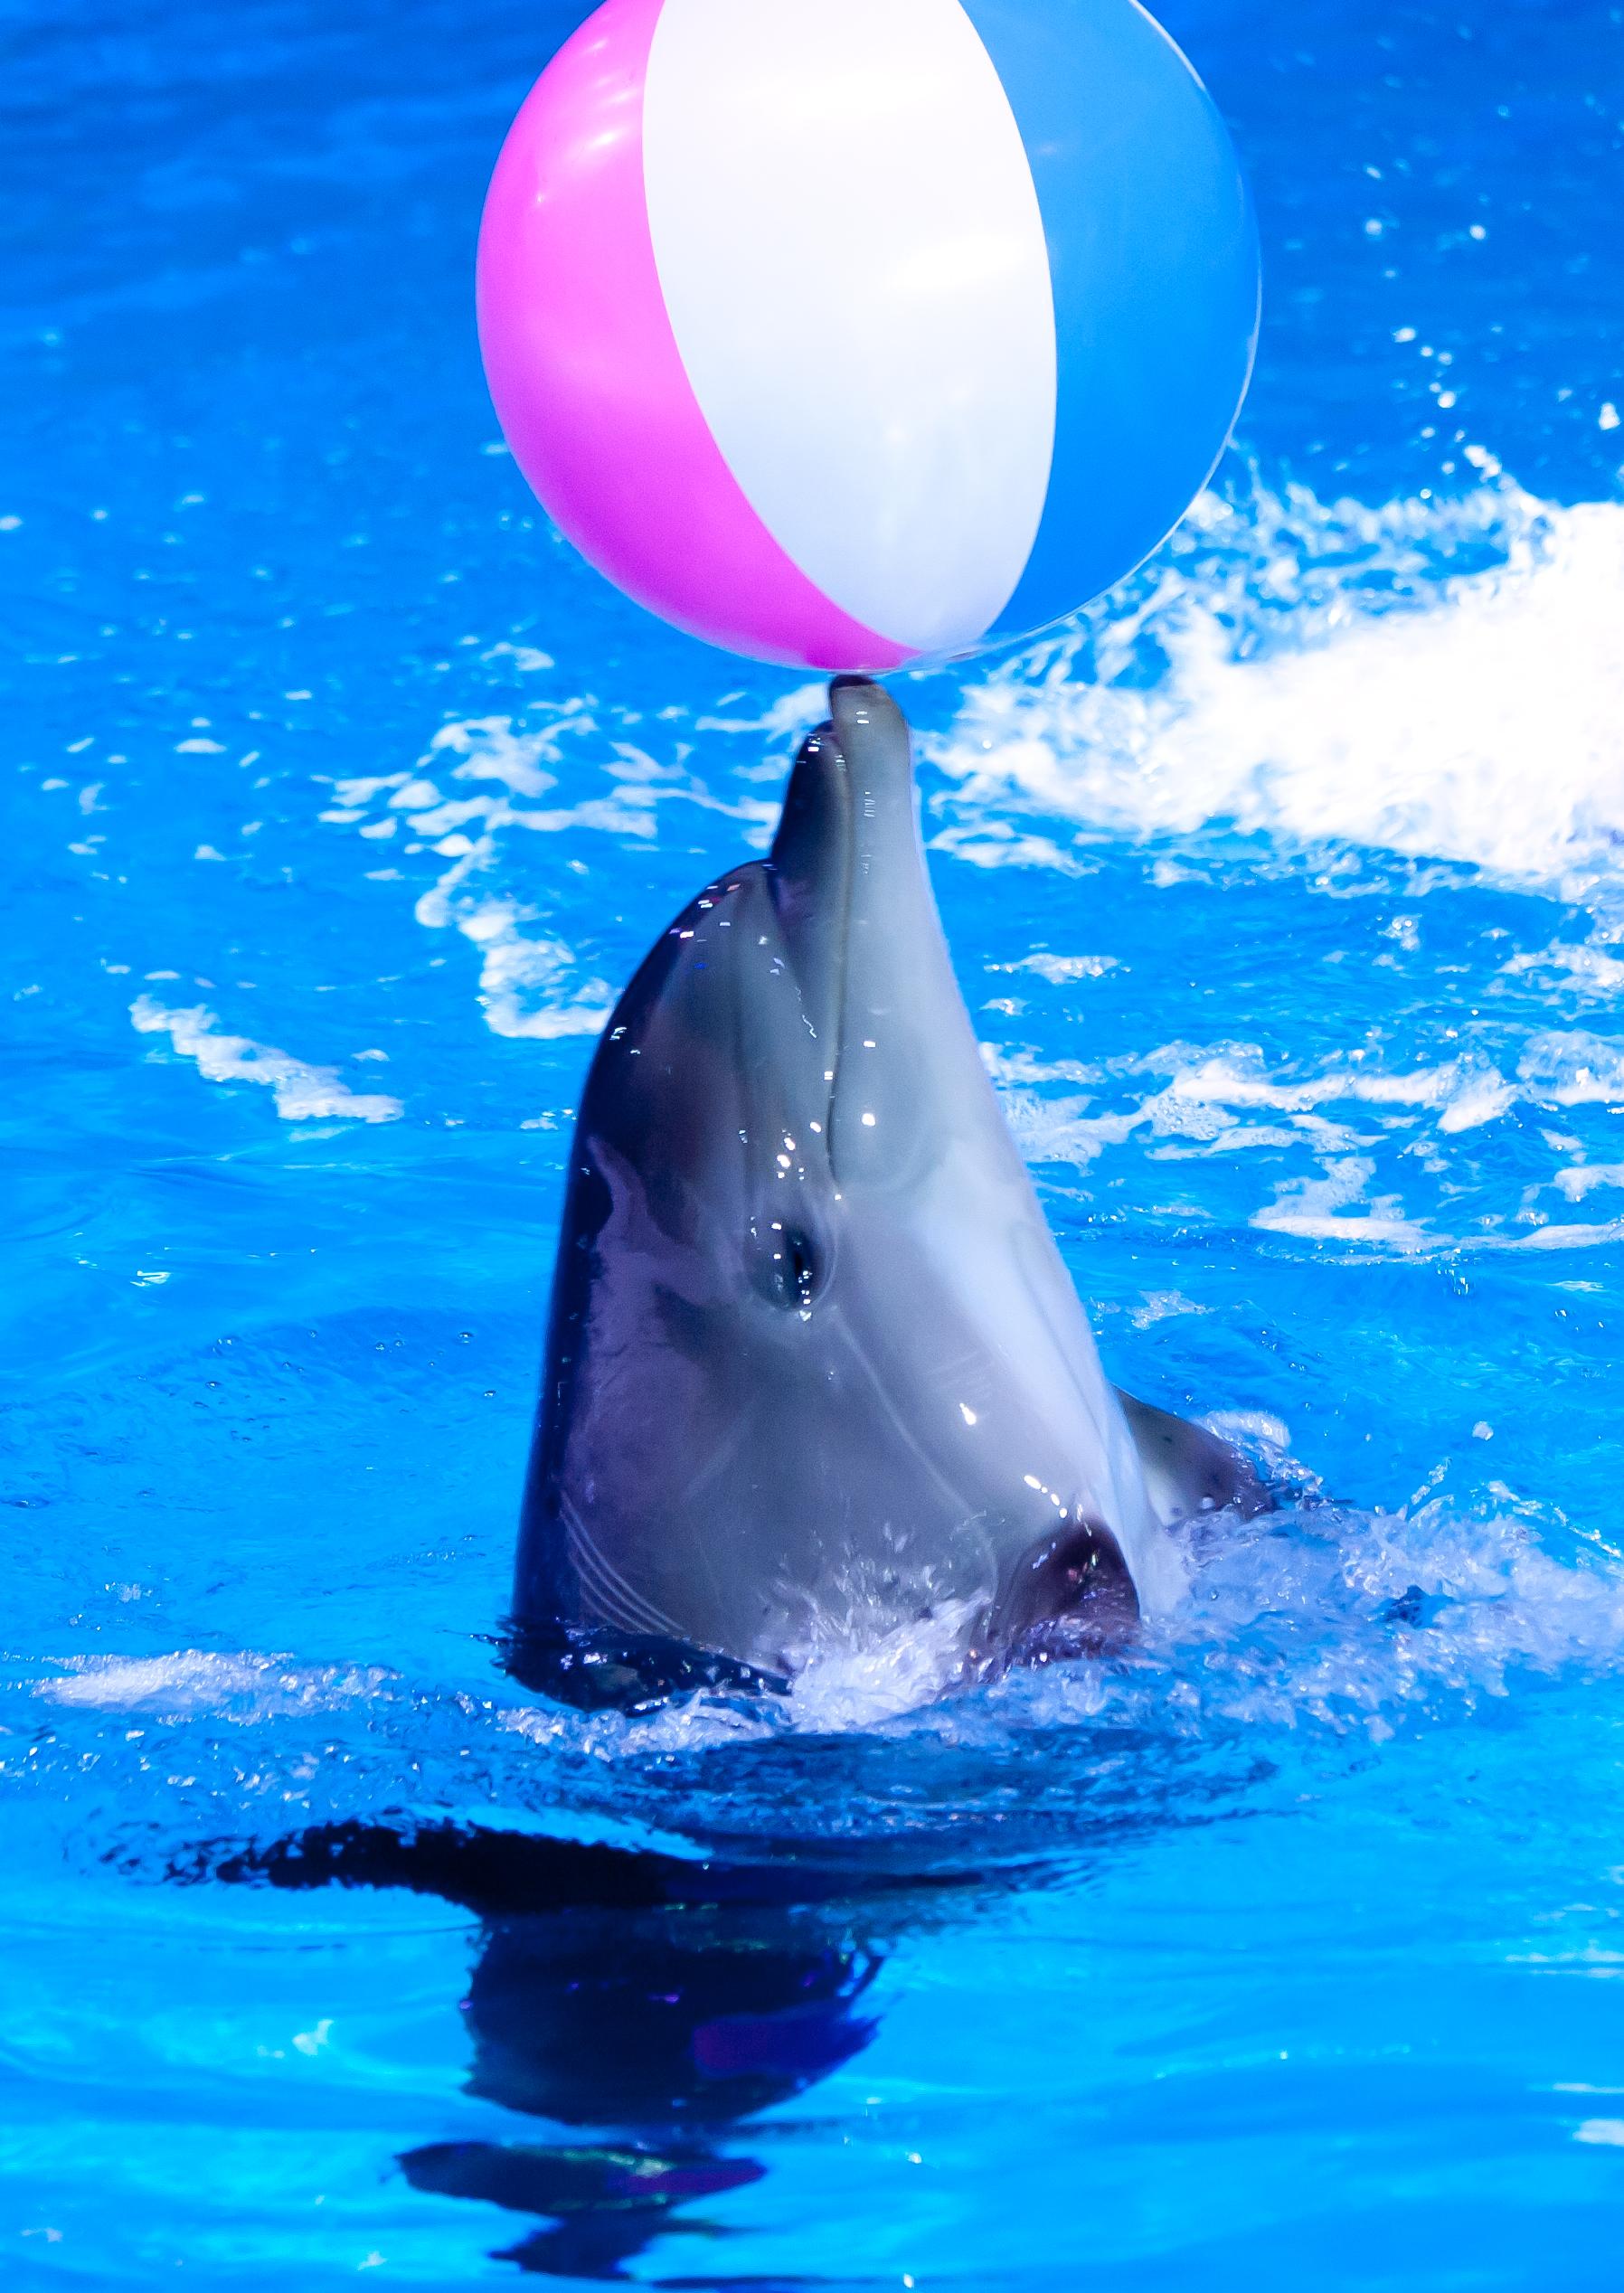 Karadag dolphinarium: description and reviews of tourists